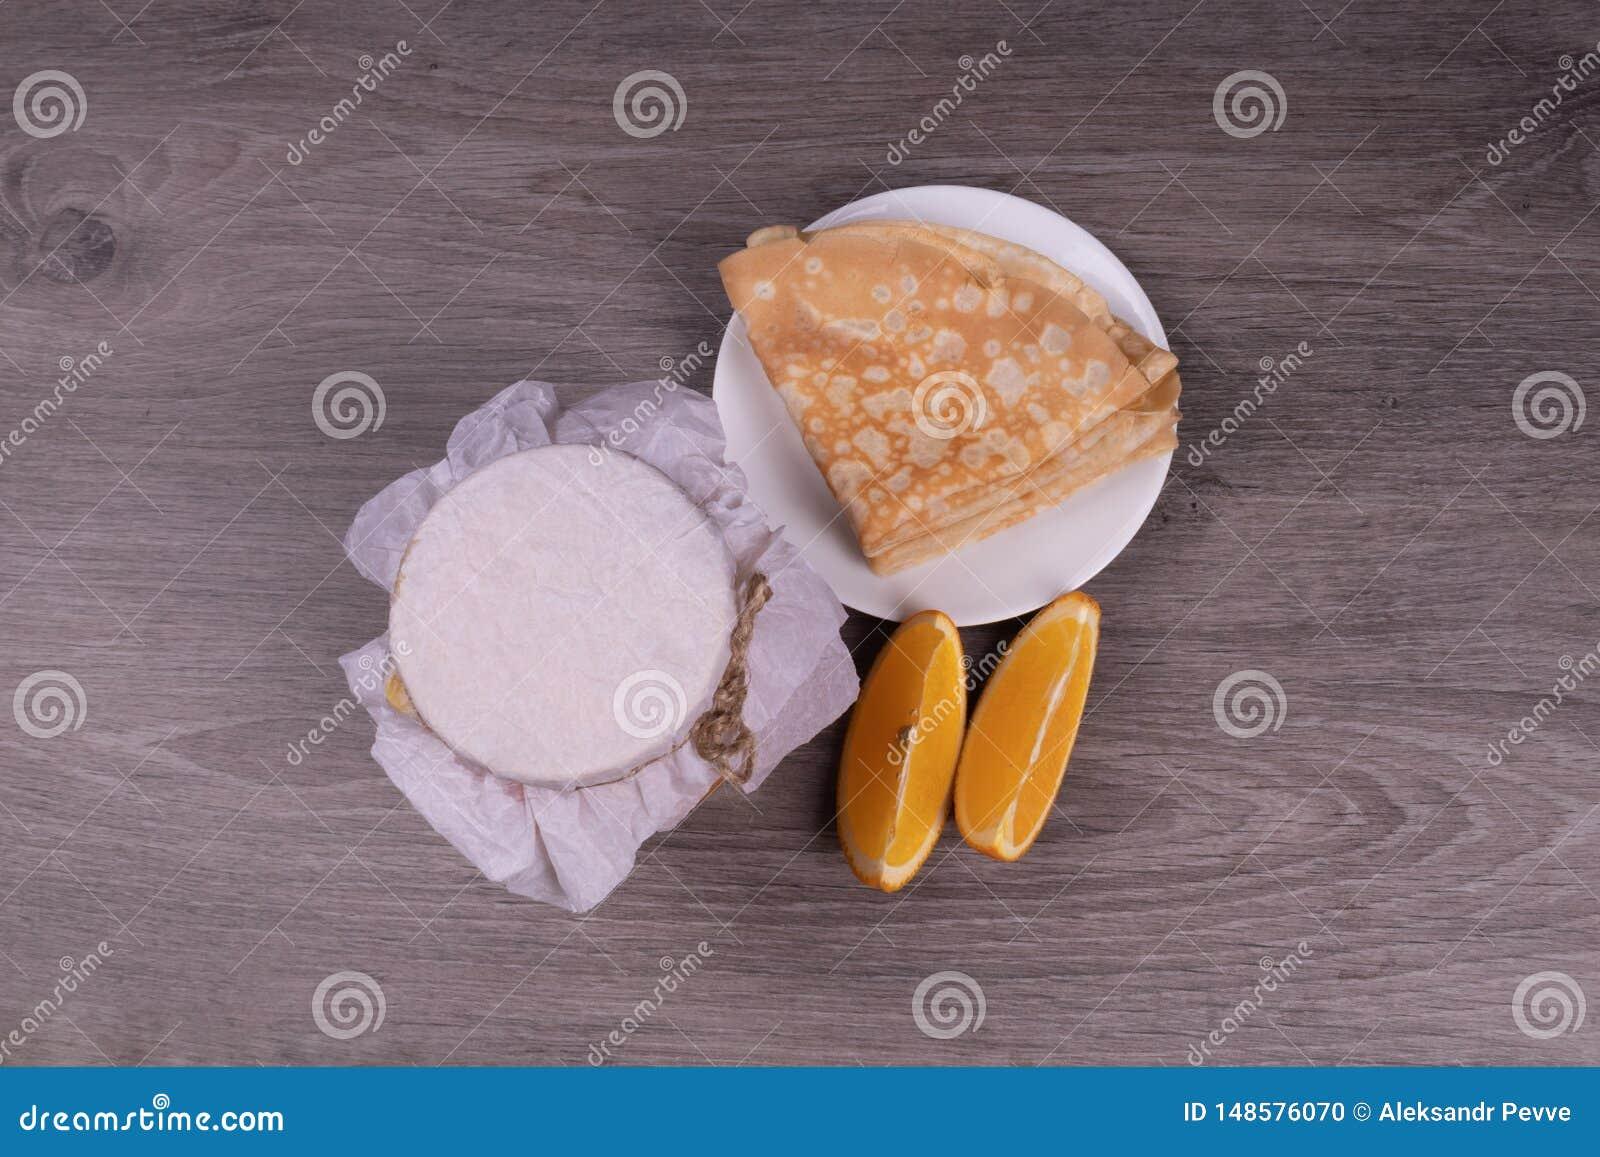 Auf einem h?lzernen Hintergrund eine Platte mit Pfannkuchen, ein Glas unter einem Papierdeckel einer Zitronenkeilansicht von der